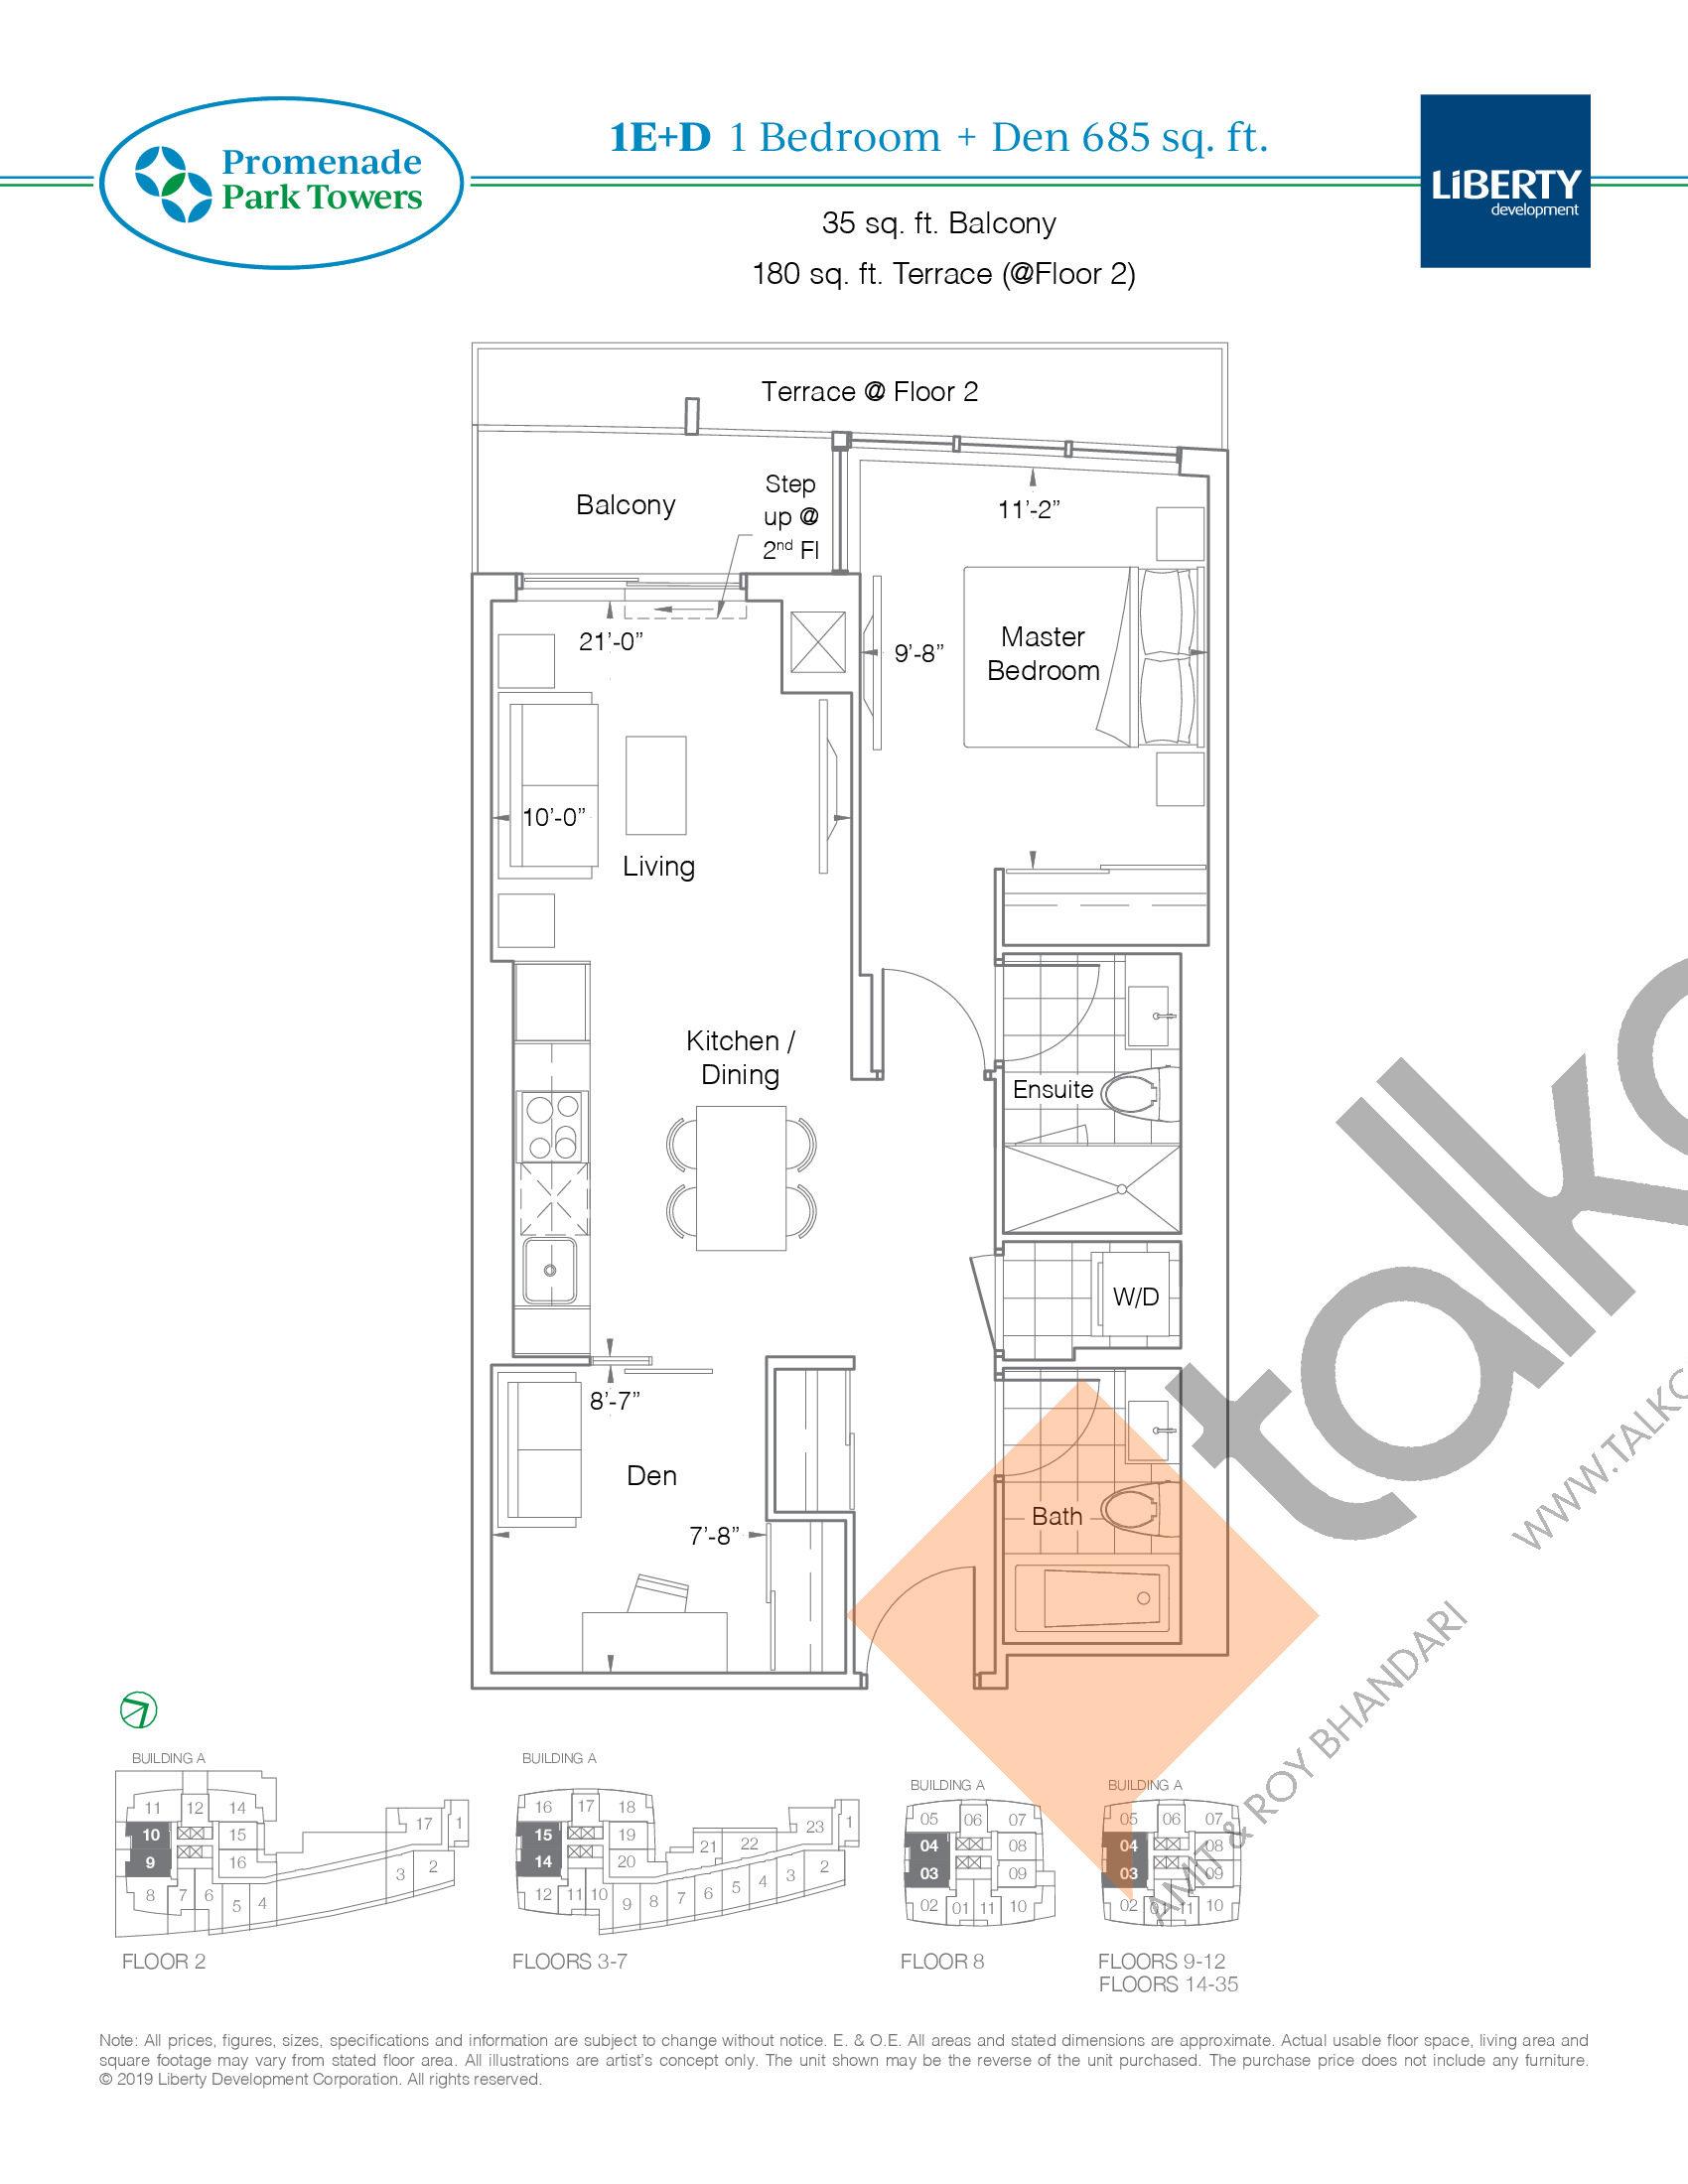 1E+D Floor Plan at Promenade Park Towers Condos - 685 sq.ft